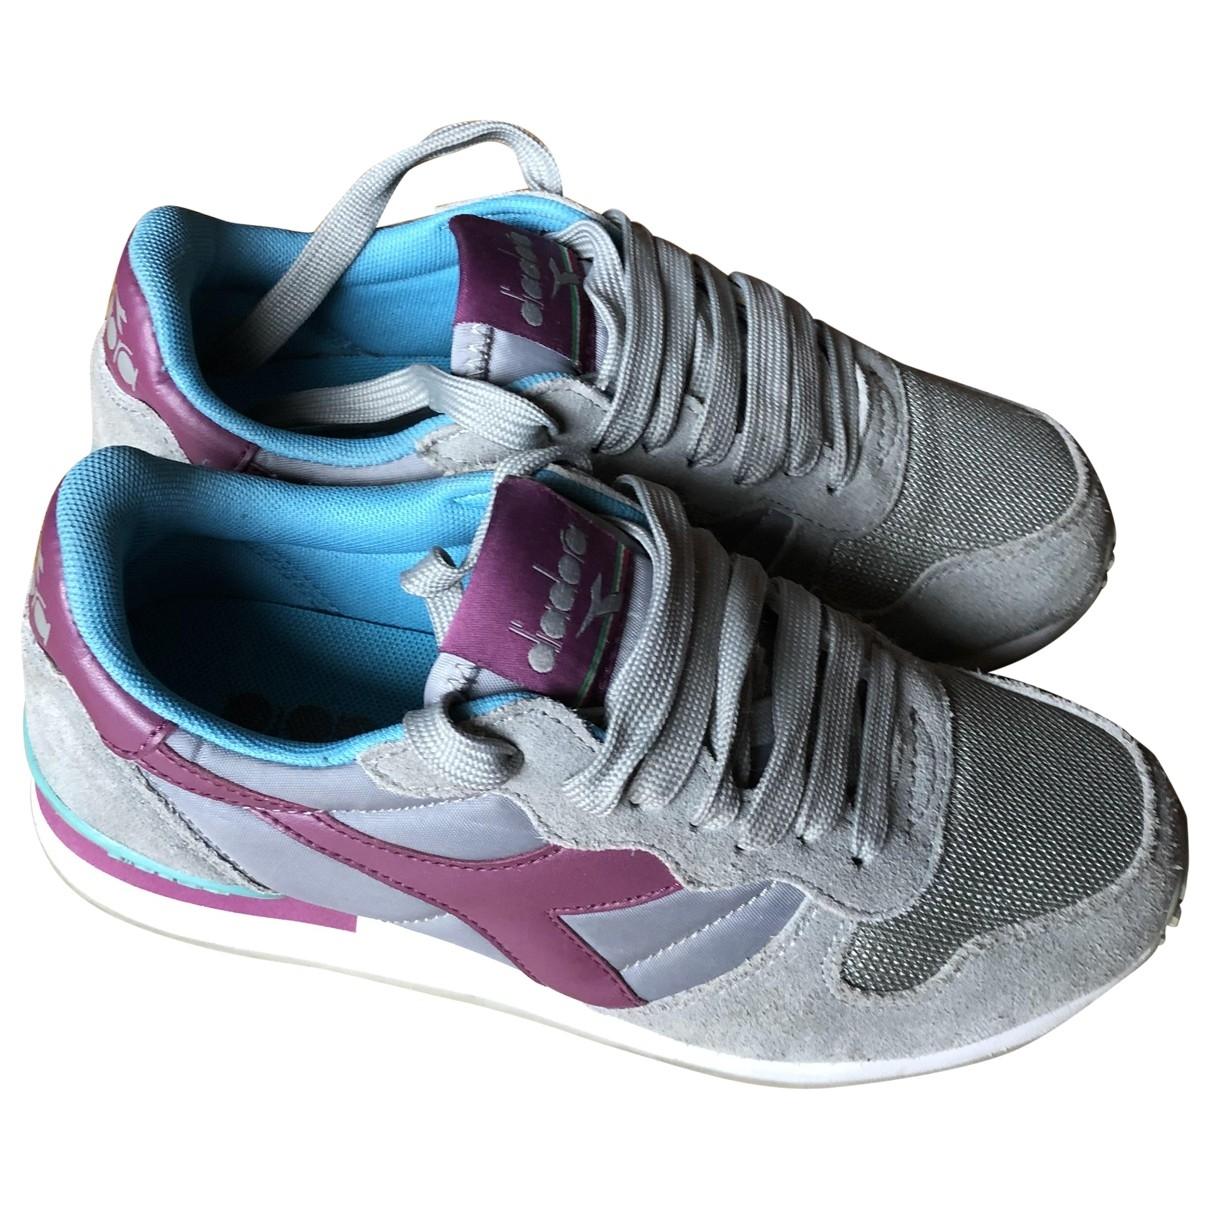 Diadora - Baskets   pour femme en toile - gris